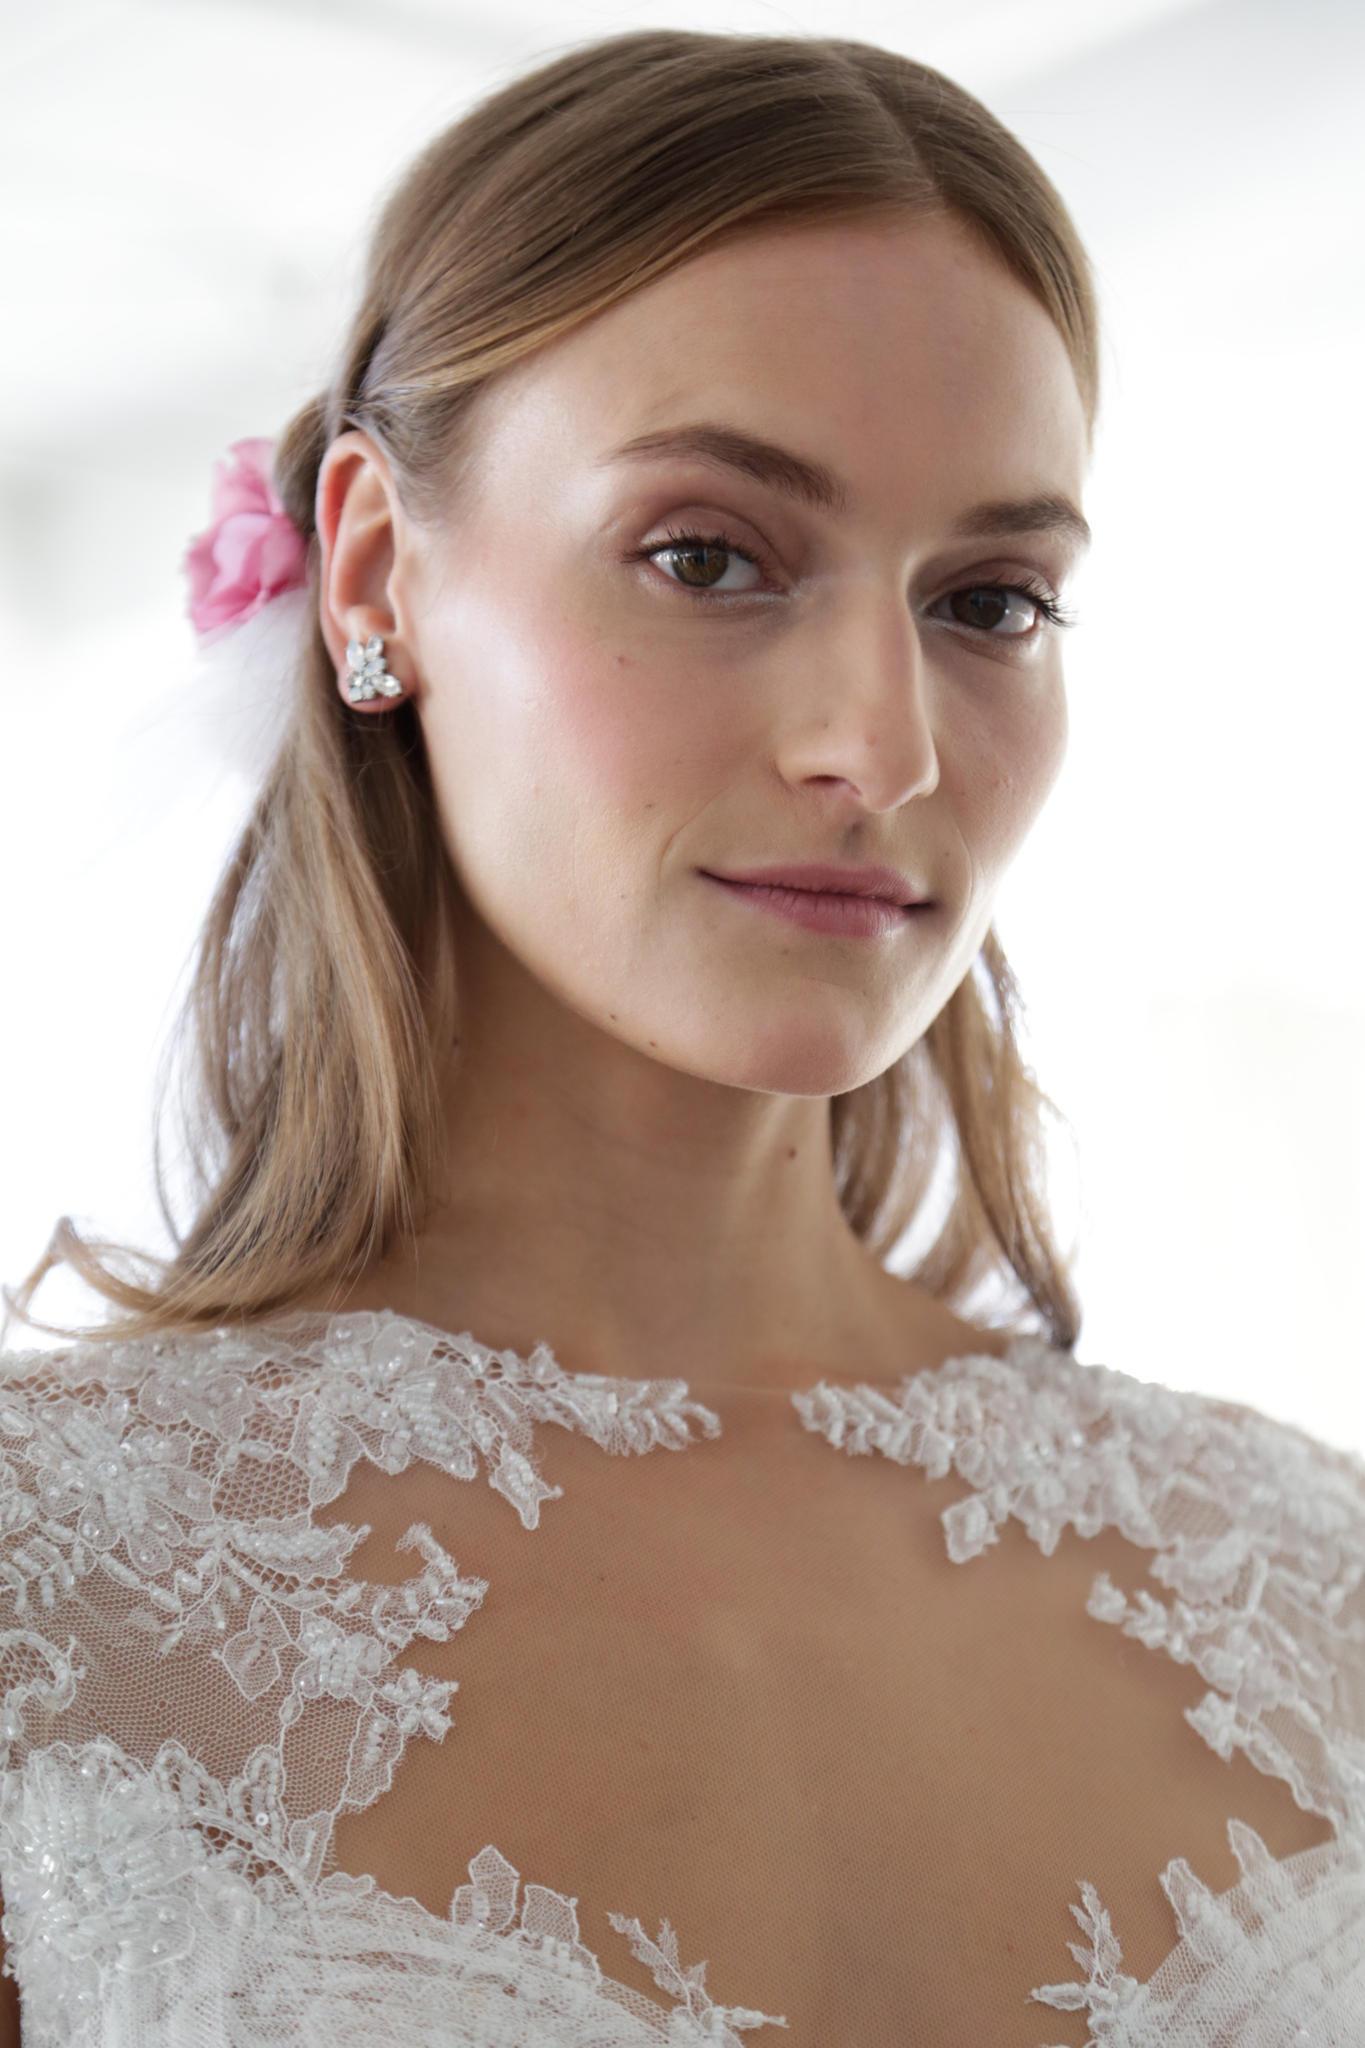 Blumenschmuck Haare Hochzeit Diy 43blumenkranz Weeding Flower